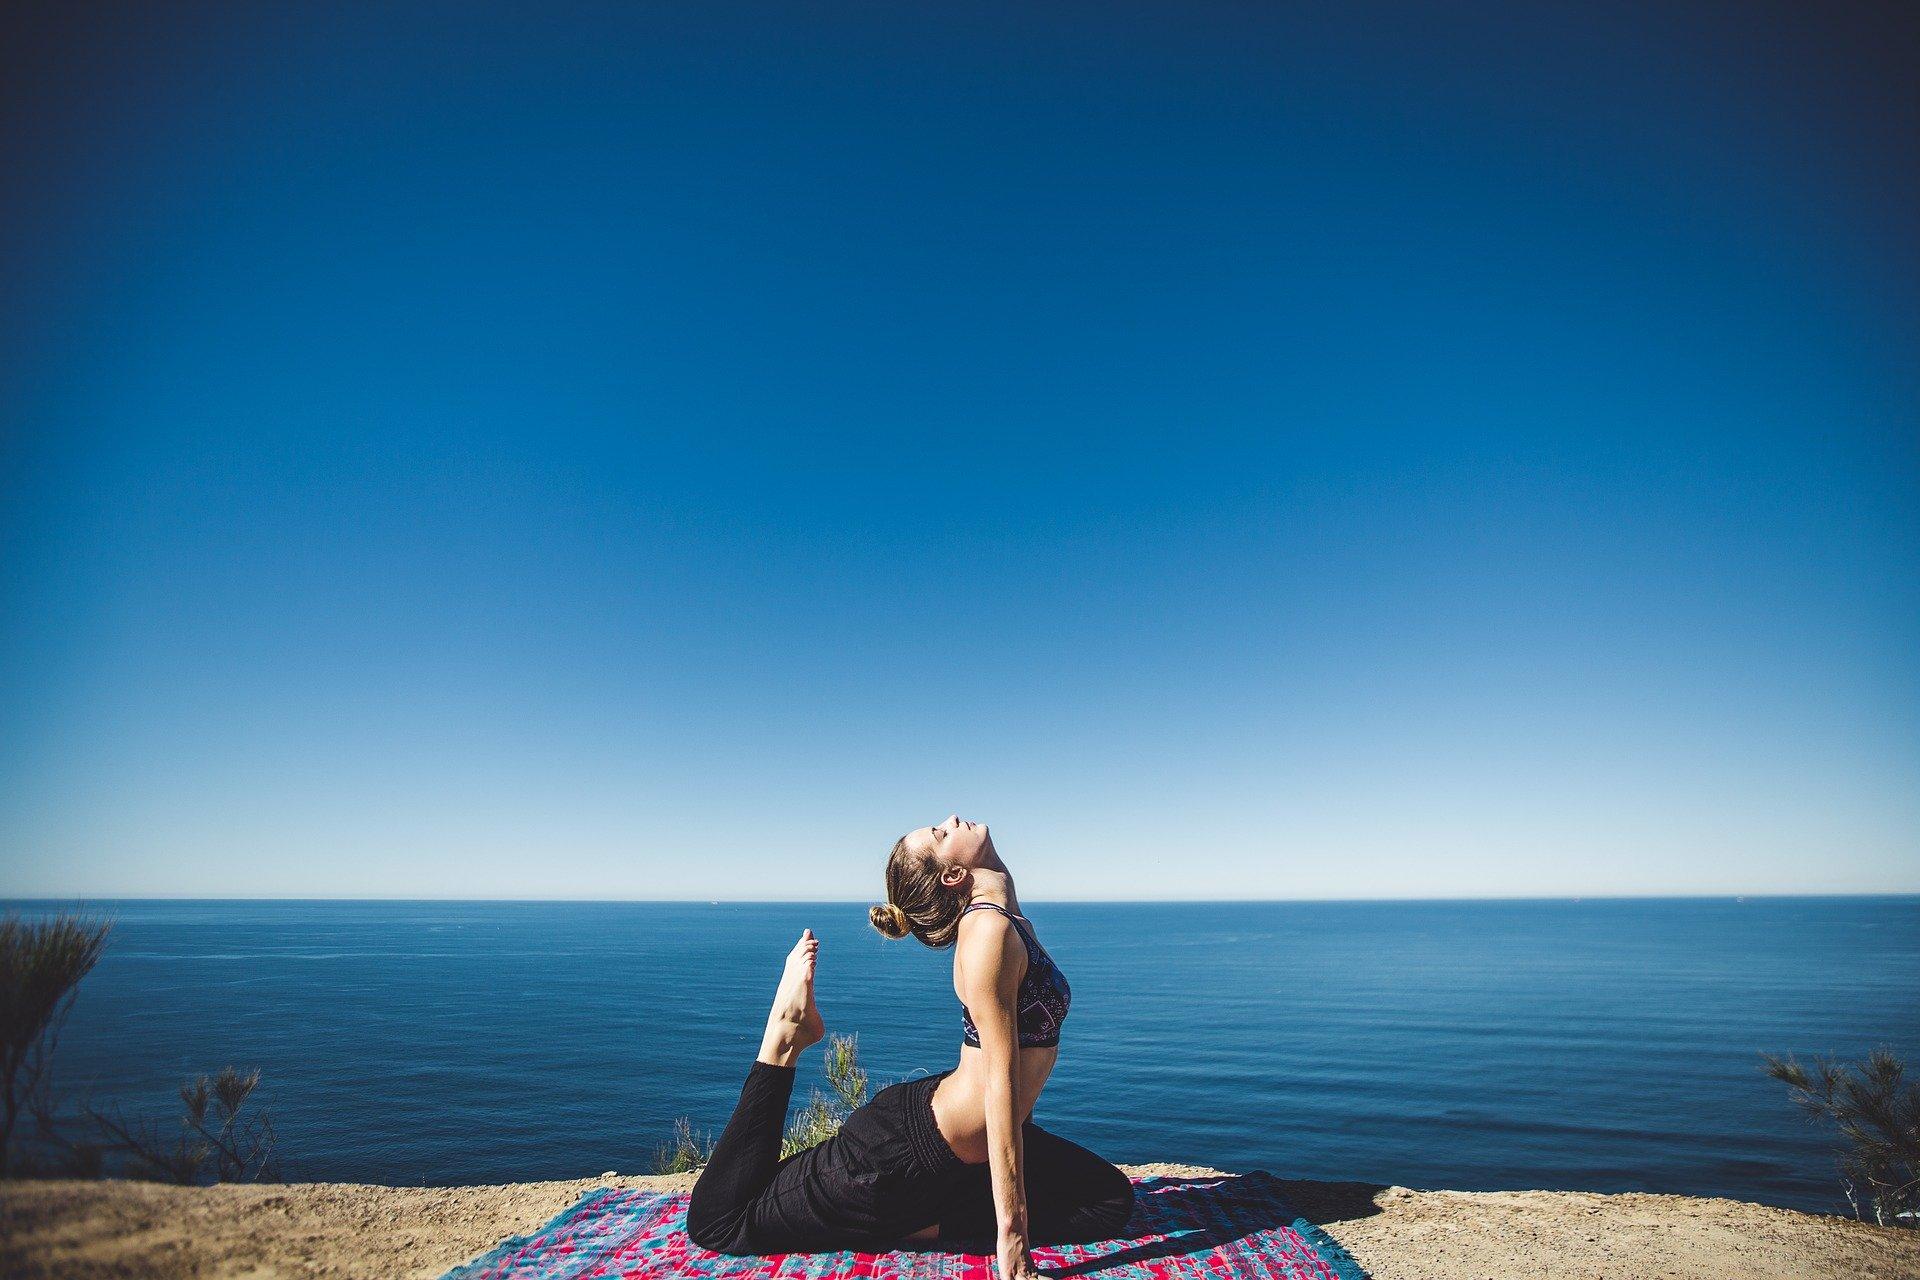 comment améliorer votre souplesse grâce au yoga